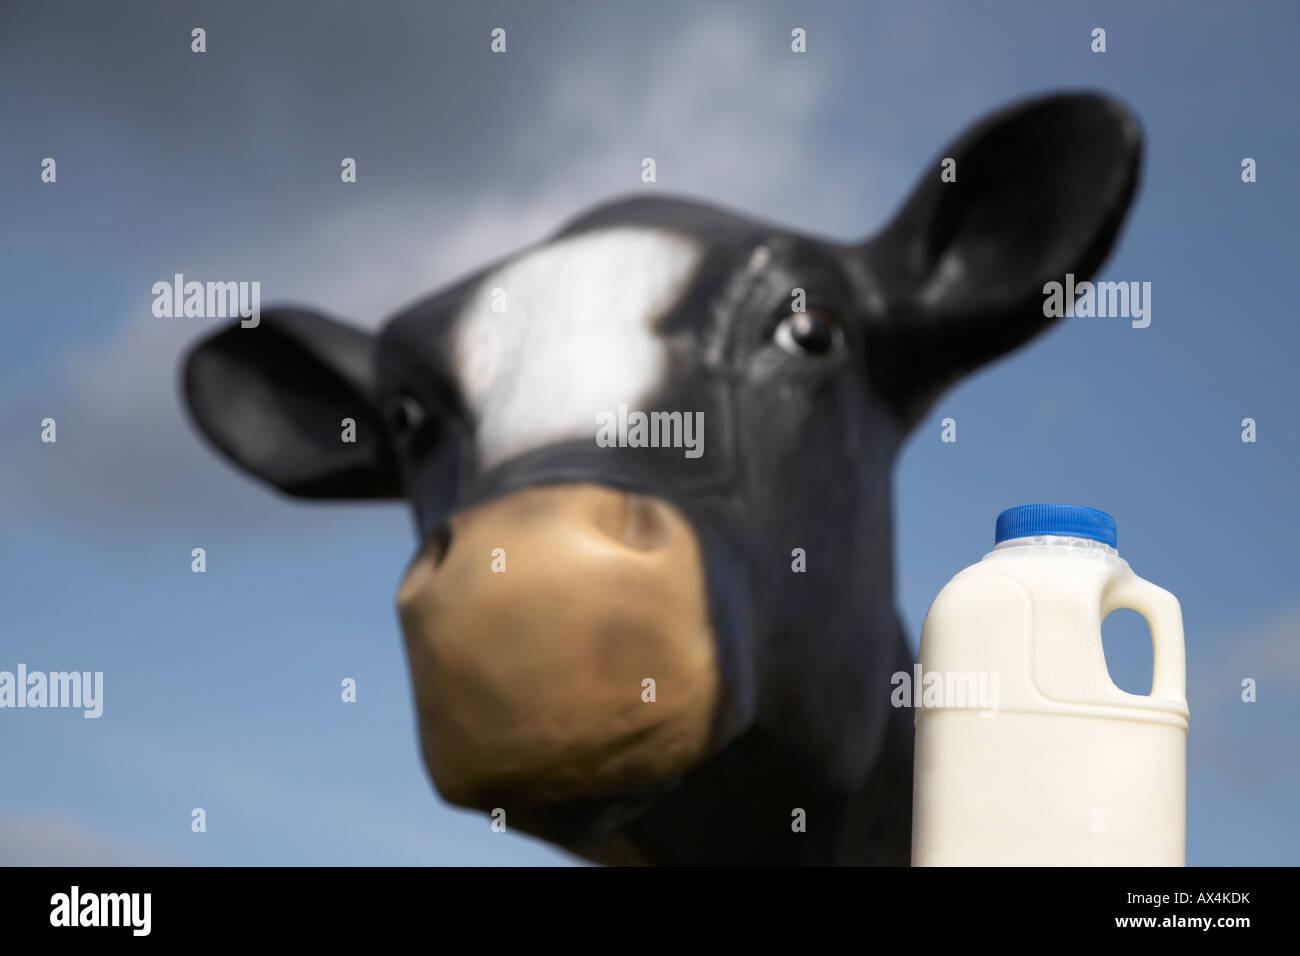 Pint Milch in einem Kunststoff Karton vor Nachahmung Kuh Fiberglas für Bildungszwecke genutzt, um Kinder zu Stockbild